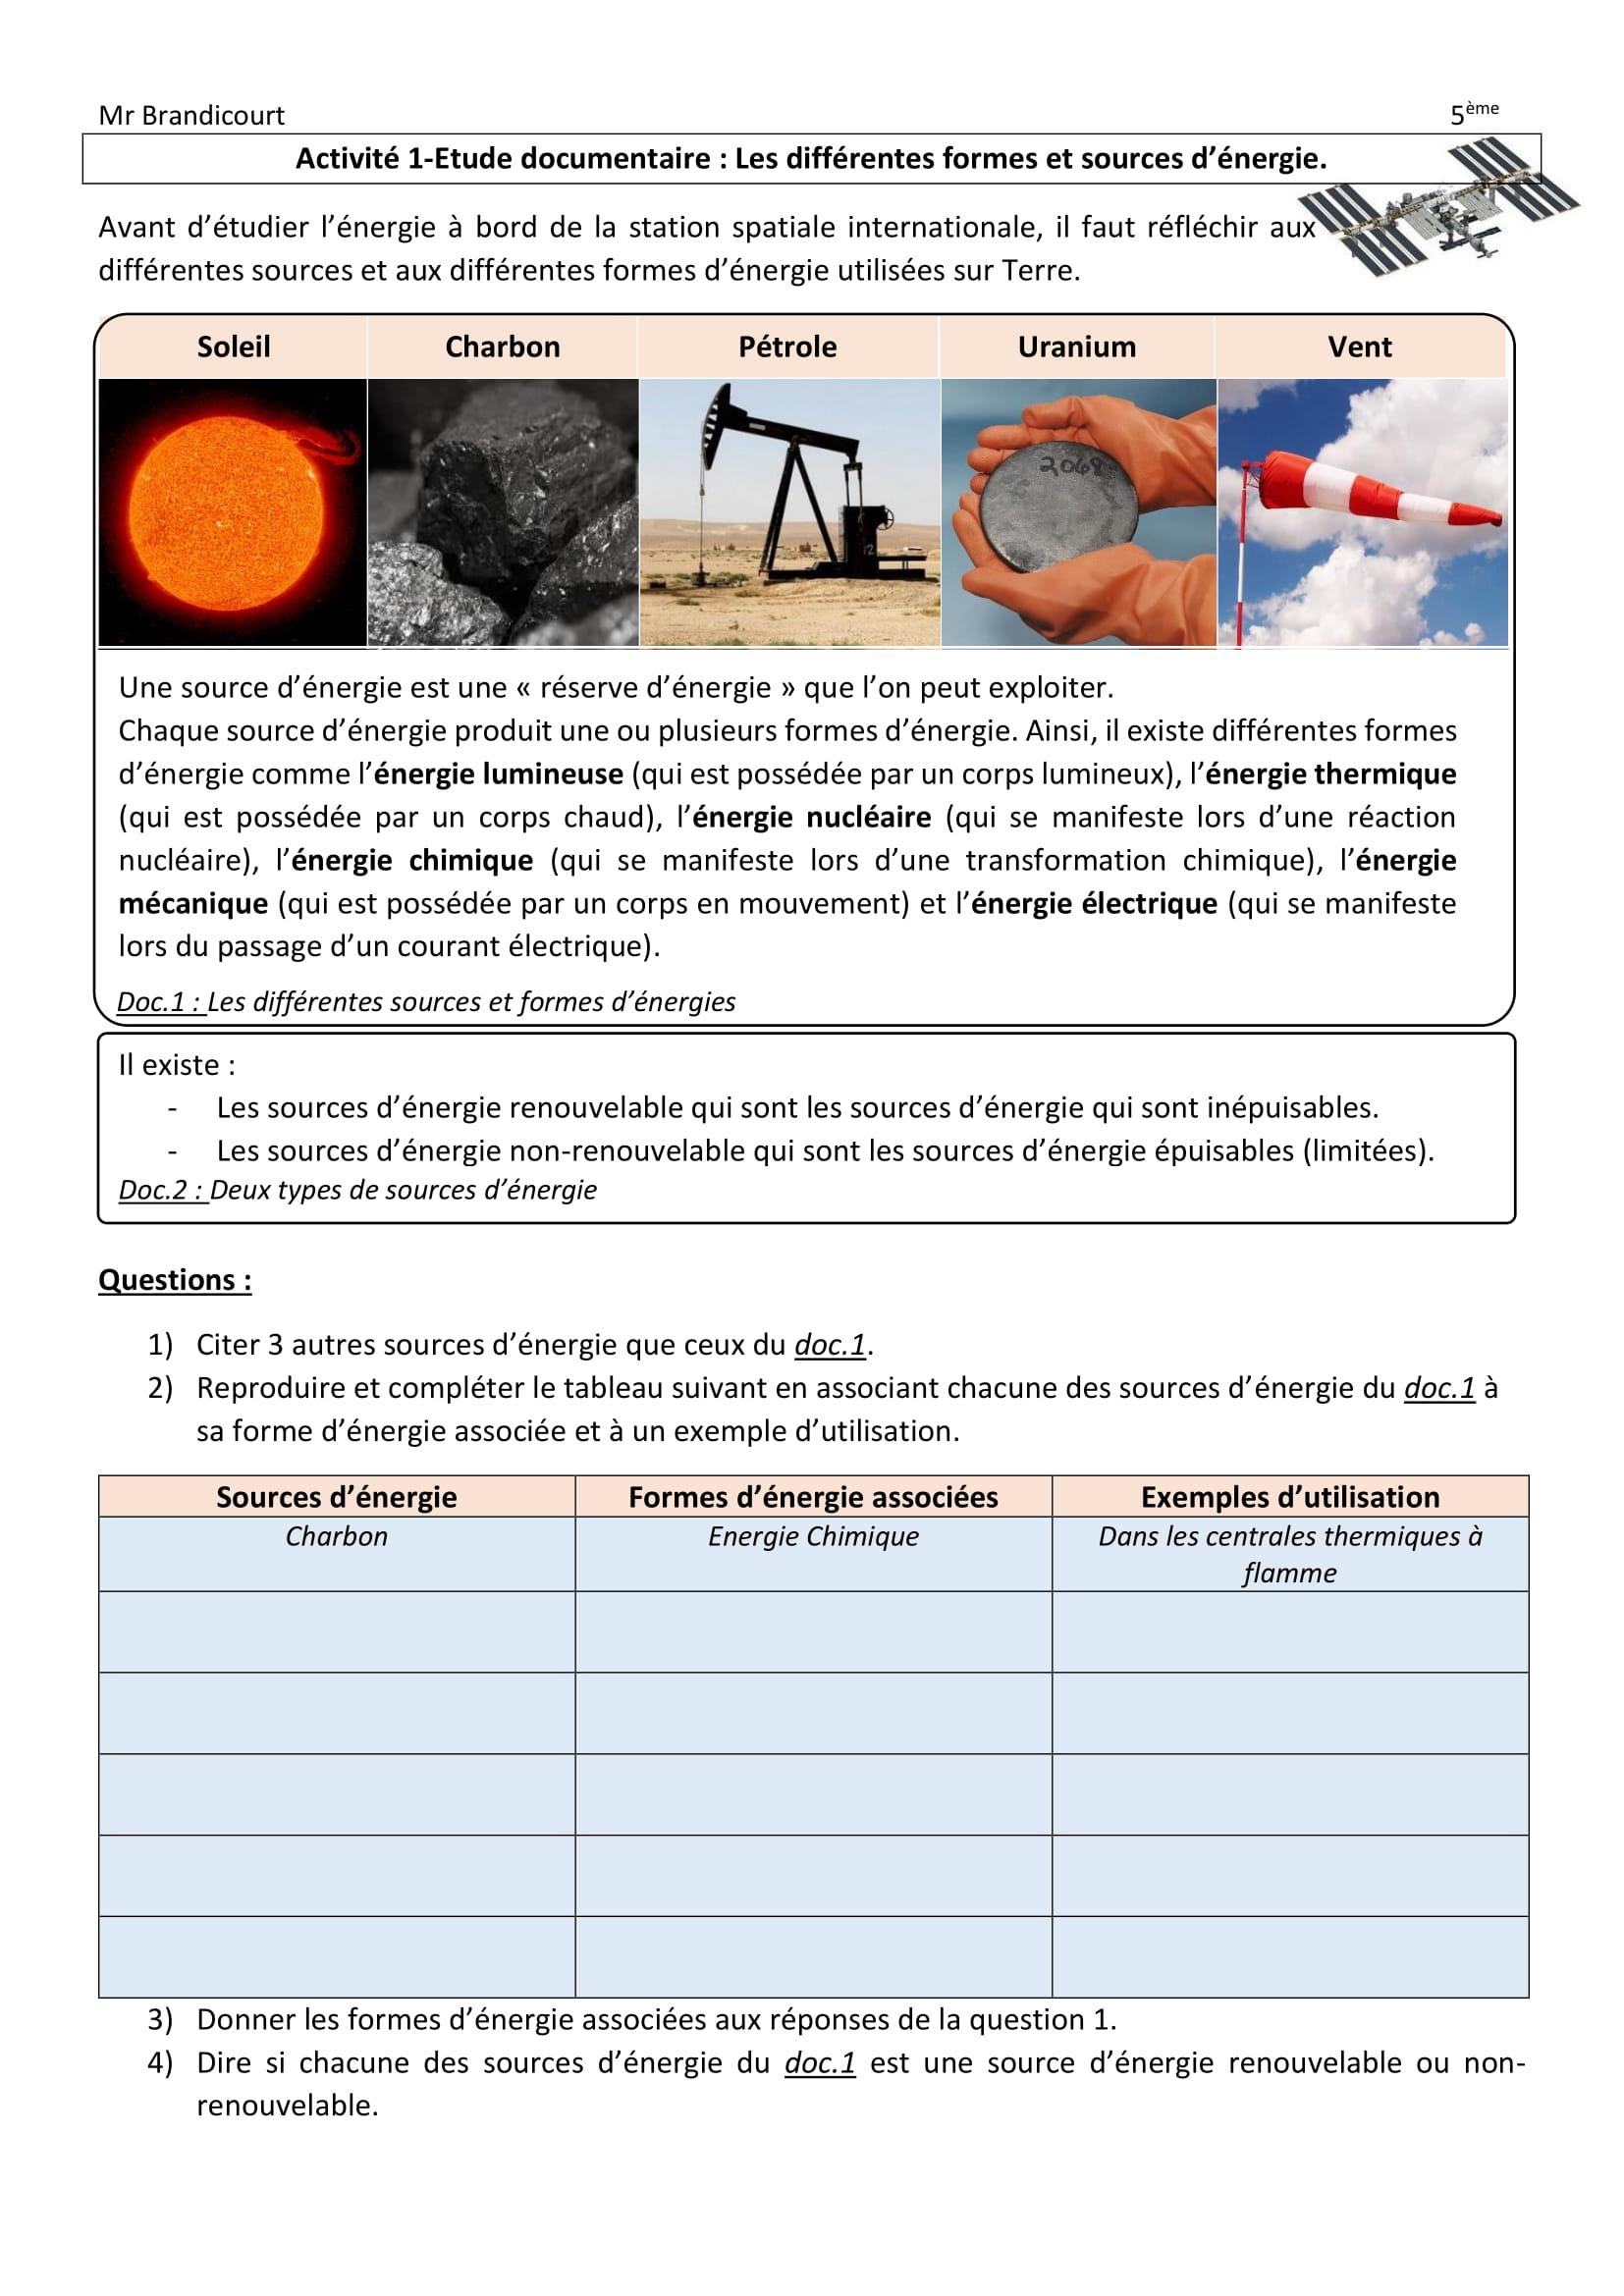 A1-Les différentes formes d'énergie et sources d'énergie.-1.jpg